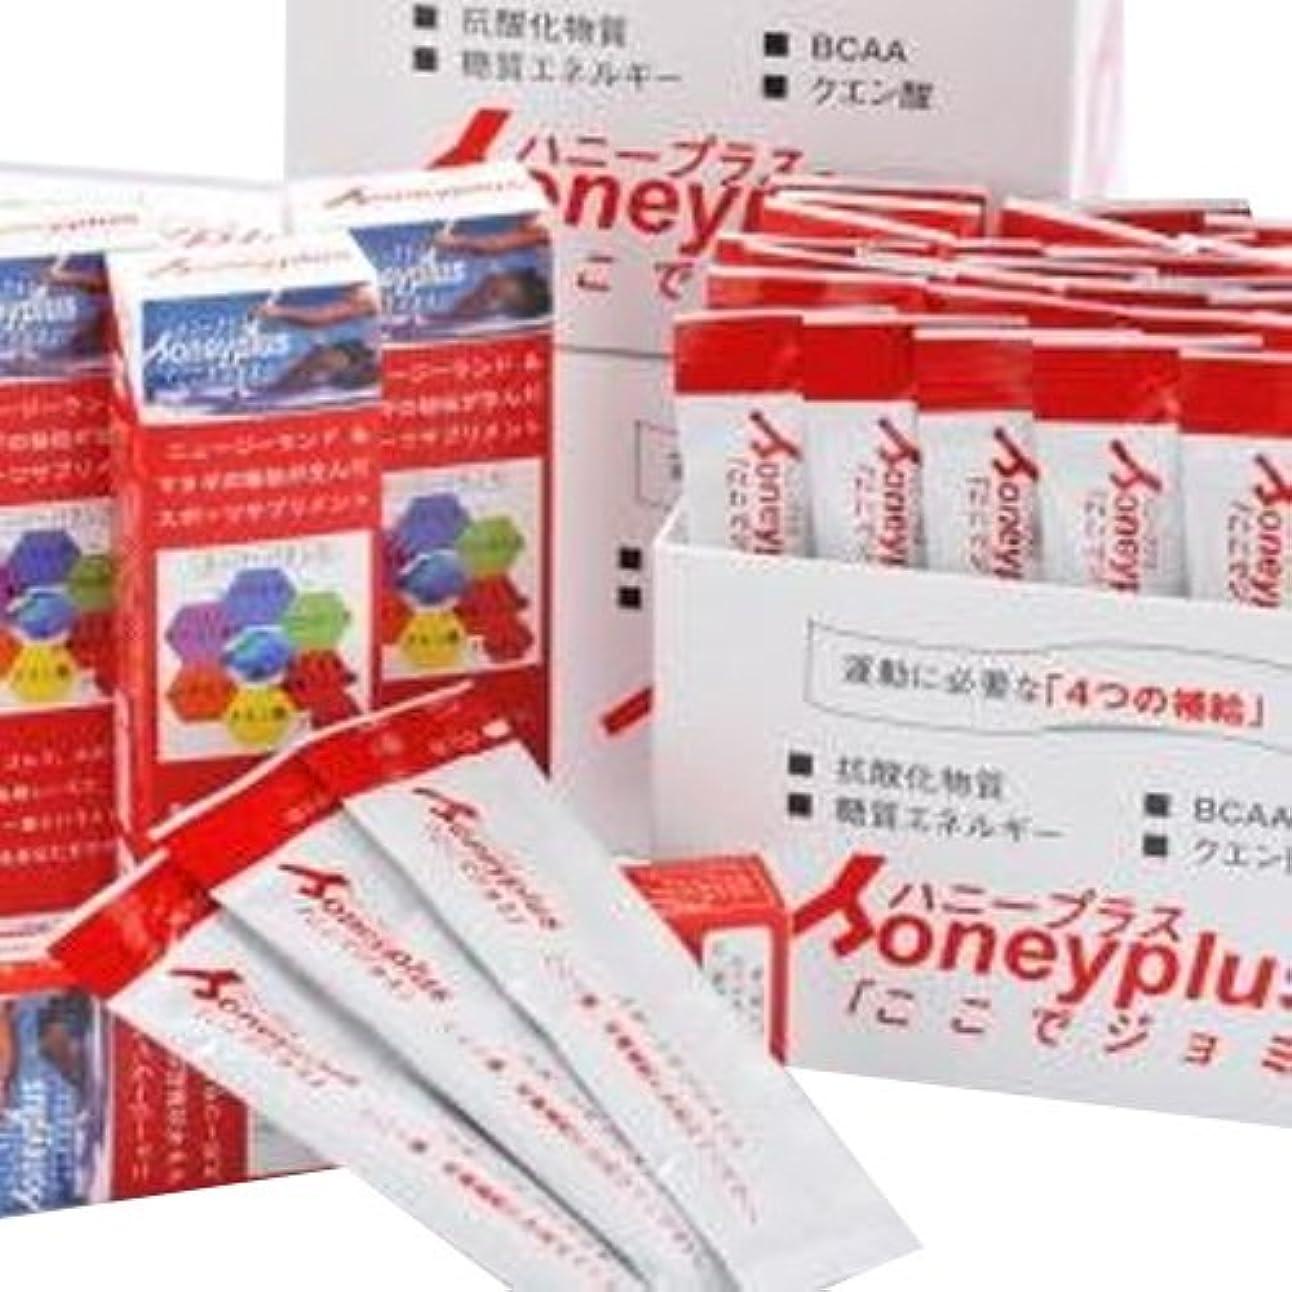 威する有限入場料Honeyplus「ここでジョミ」10本セット